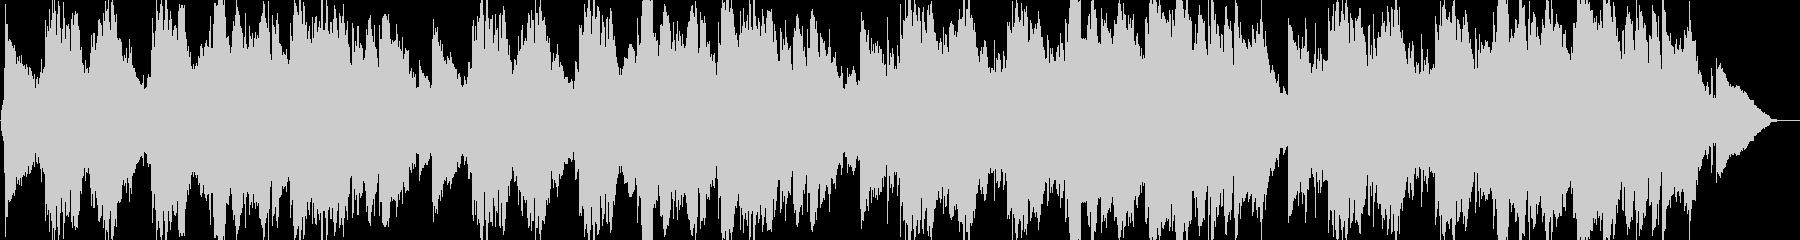 叙情的な感動のピアノバラードの未再生の波形